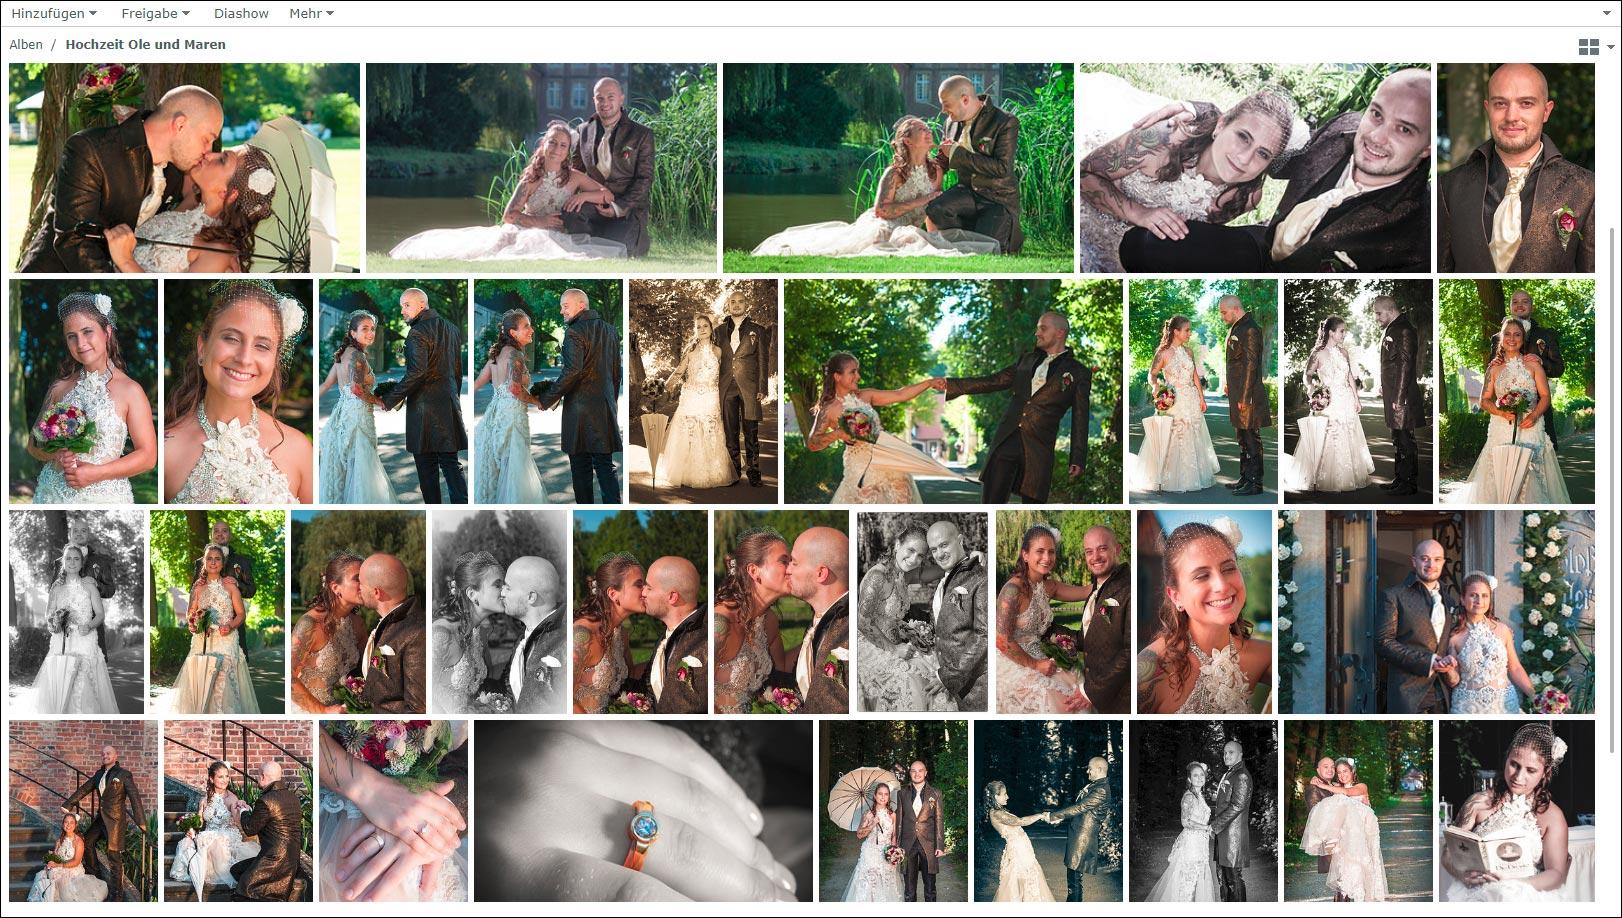 Hochzeitsfotograf Menden